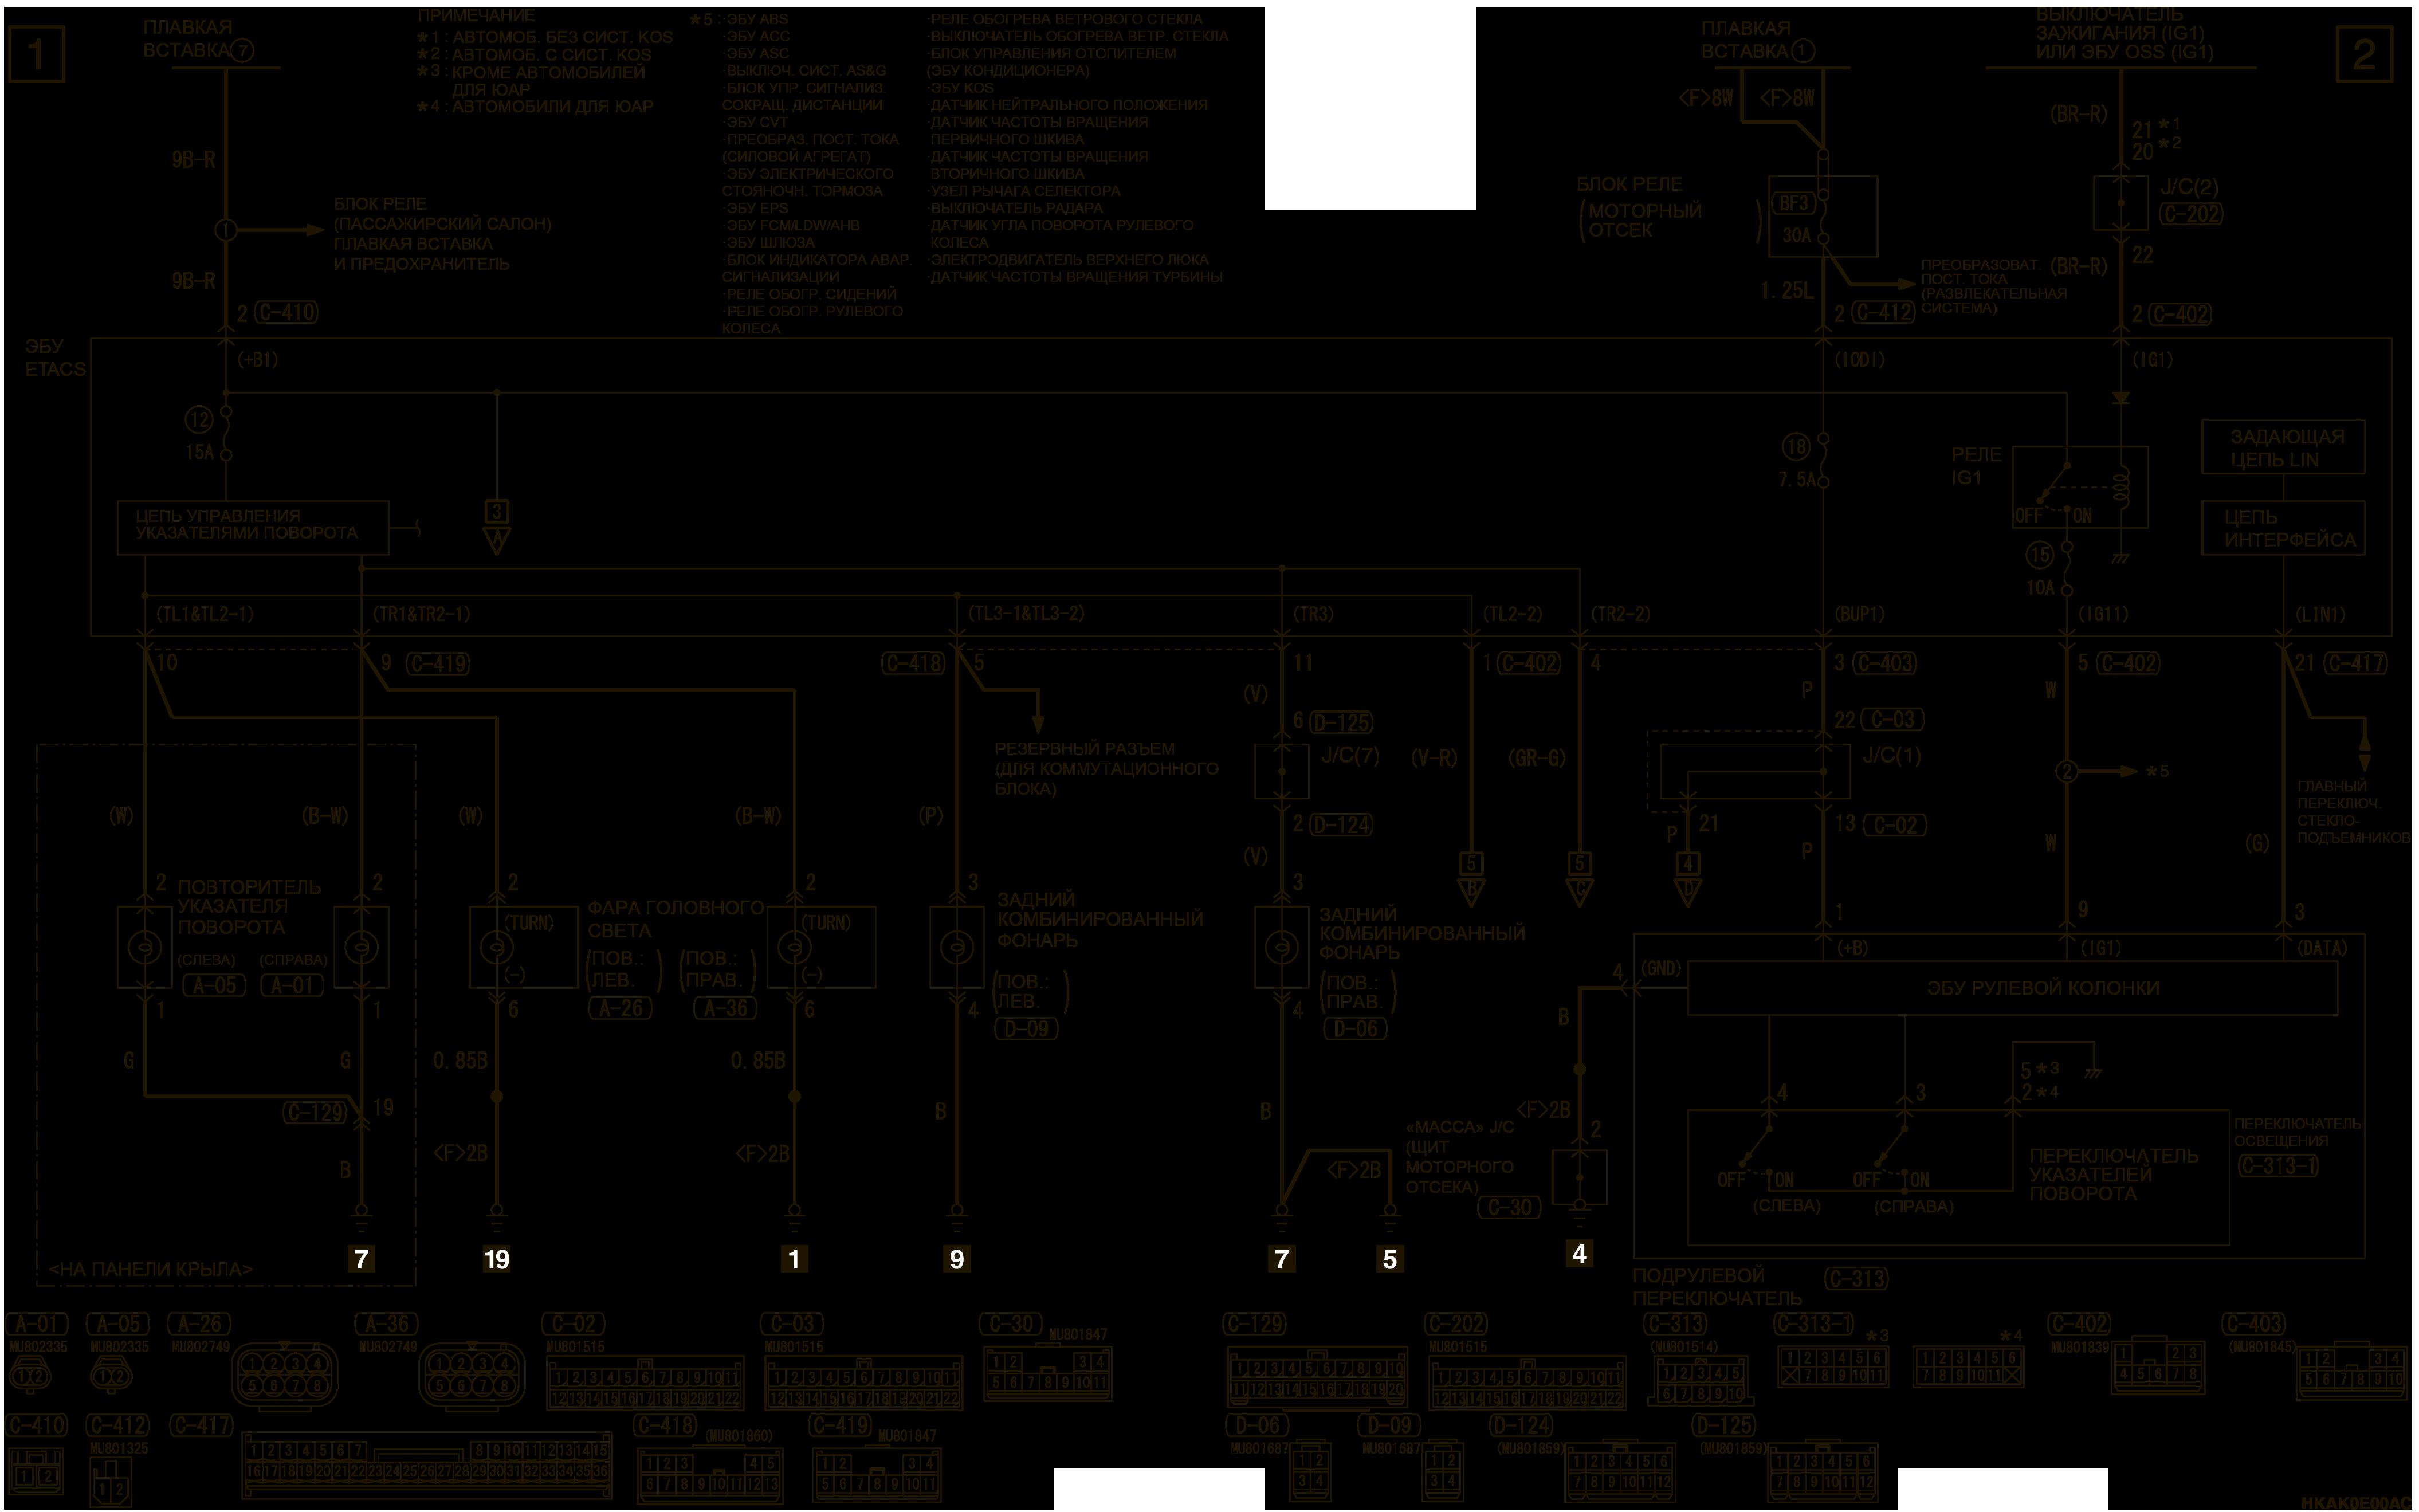 mmc аутлендер 3 2019 электросхемаУКАЗАТЕЛИ ПОВОРОТА И ВЫКЛЮЧАТЕЛЬ АВАРИЙНОЙ СИГНАЛИЗАЦИИ